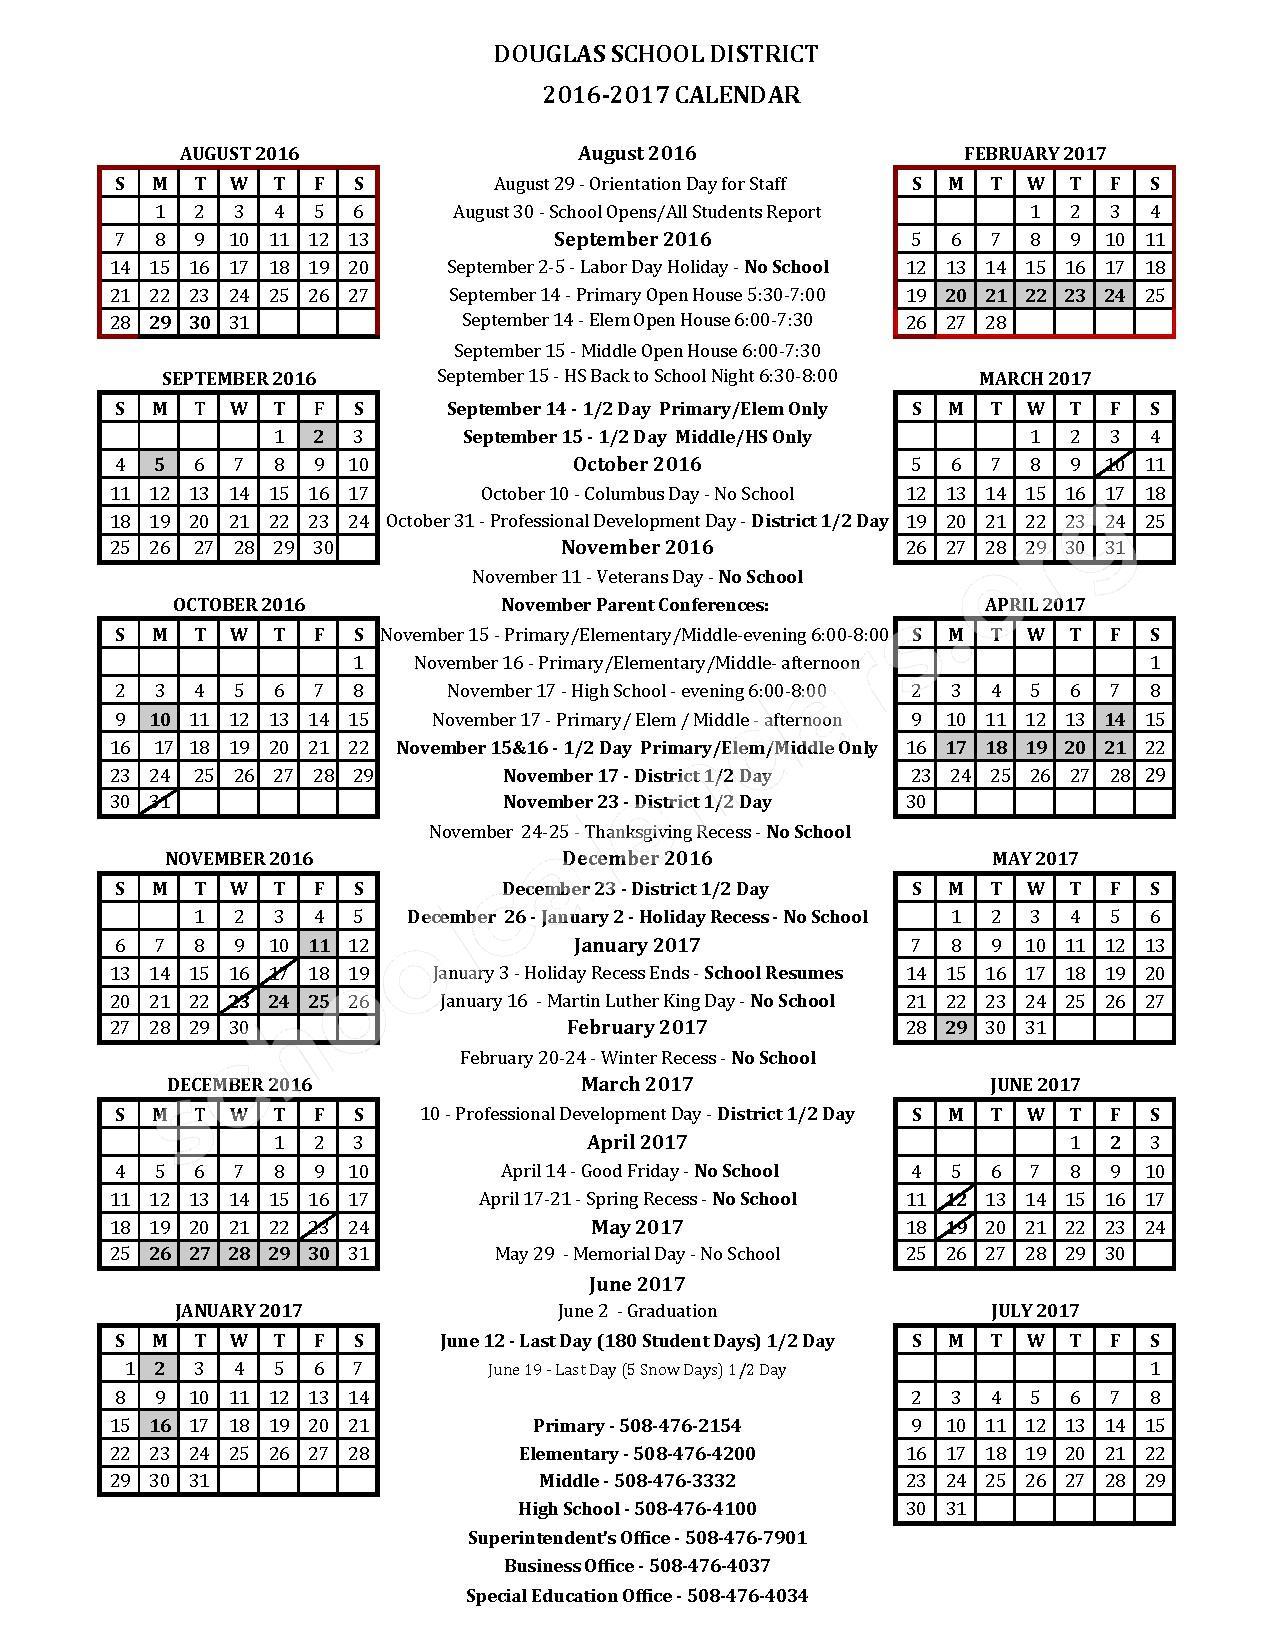 2016 - 2017 Douglas School District Calendar – Douglas Public School District – page 1